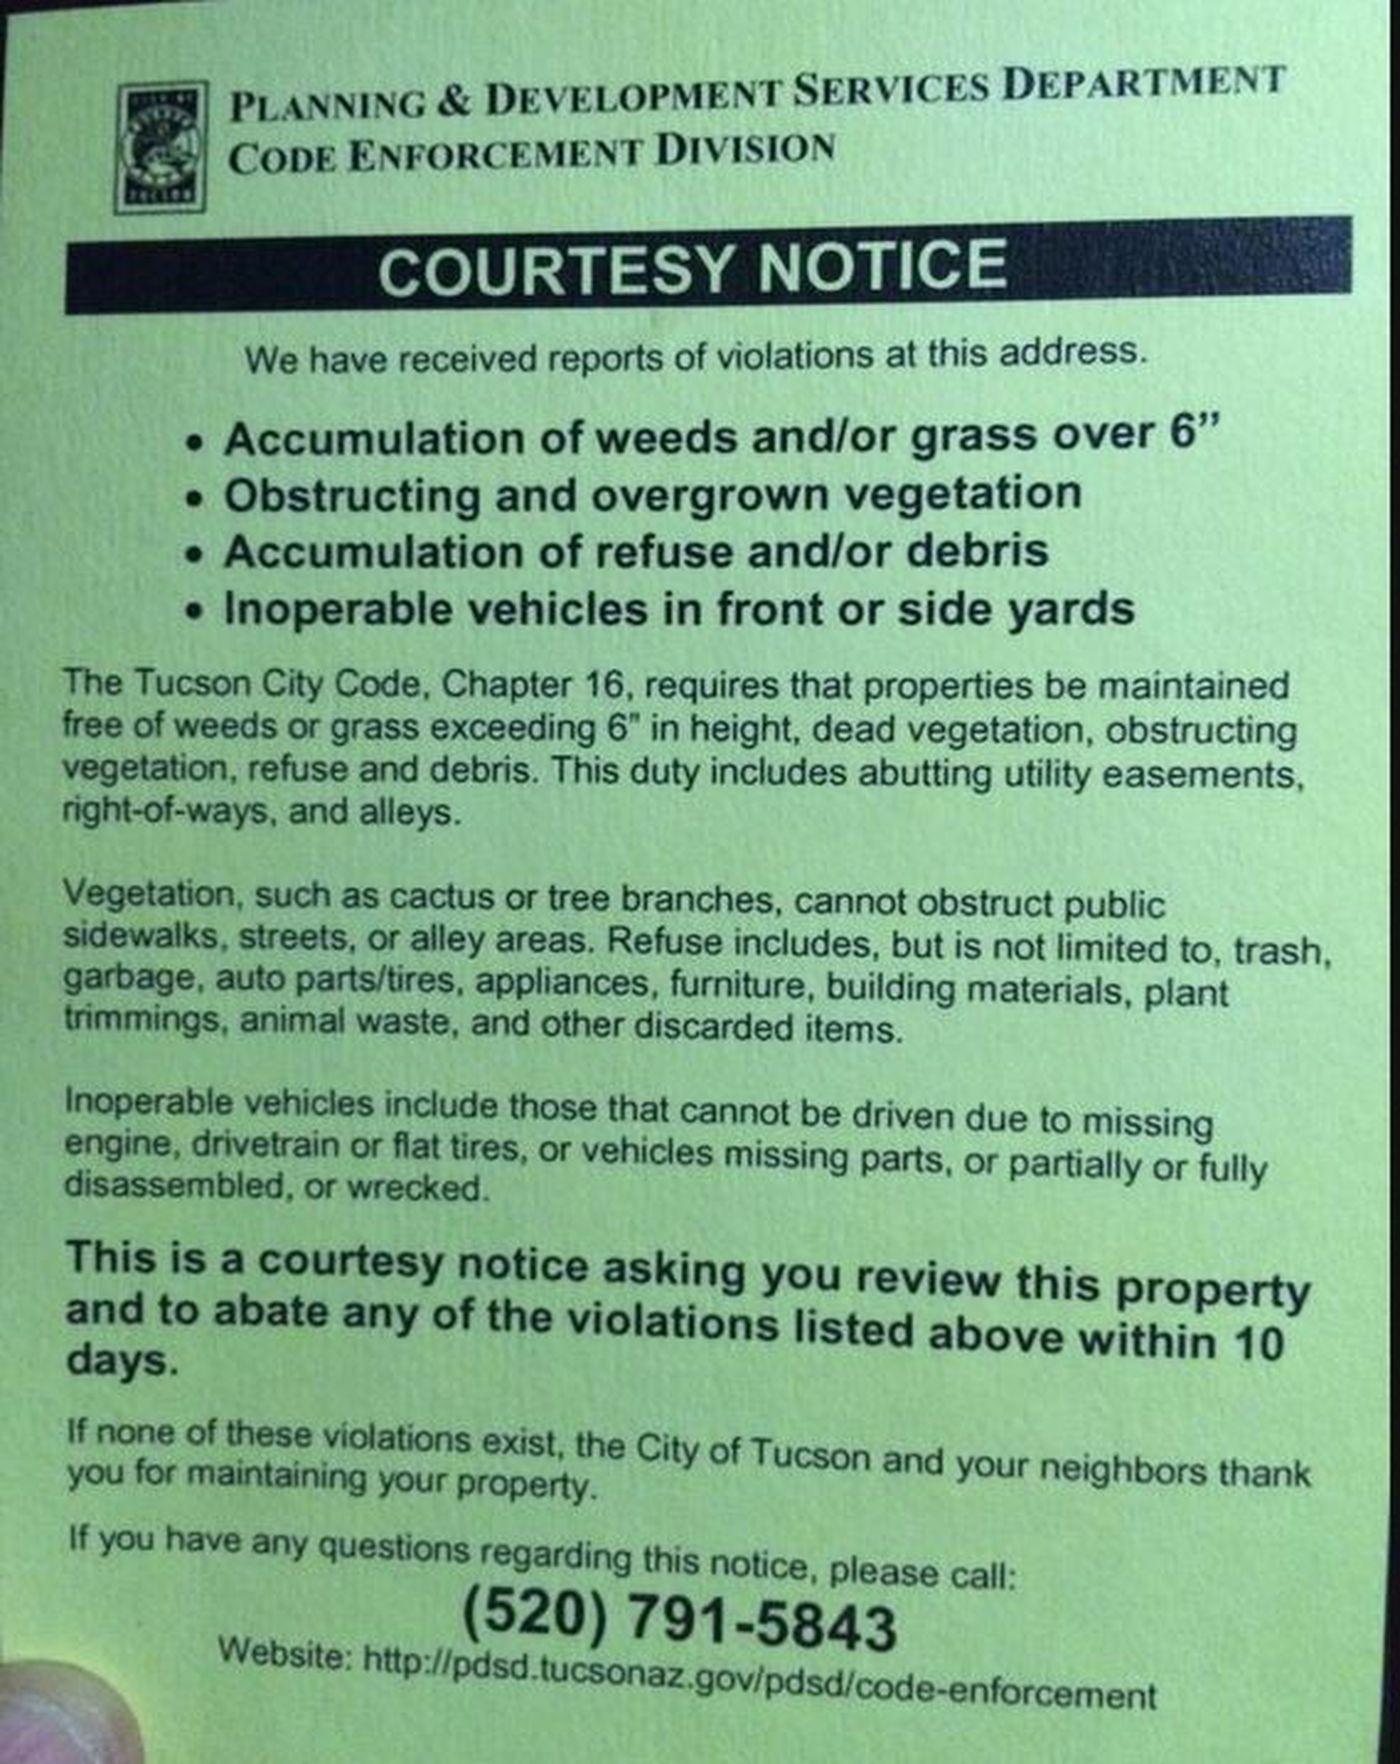 Tucson introduces a new code enforcement program